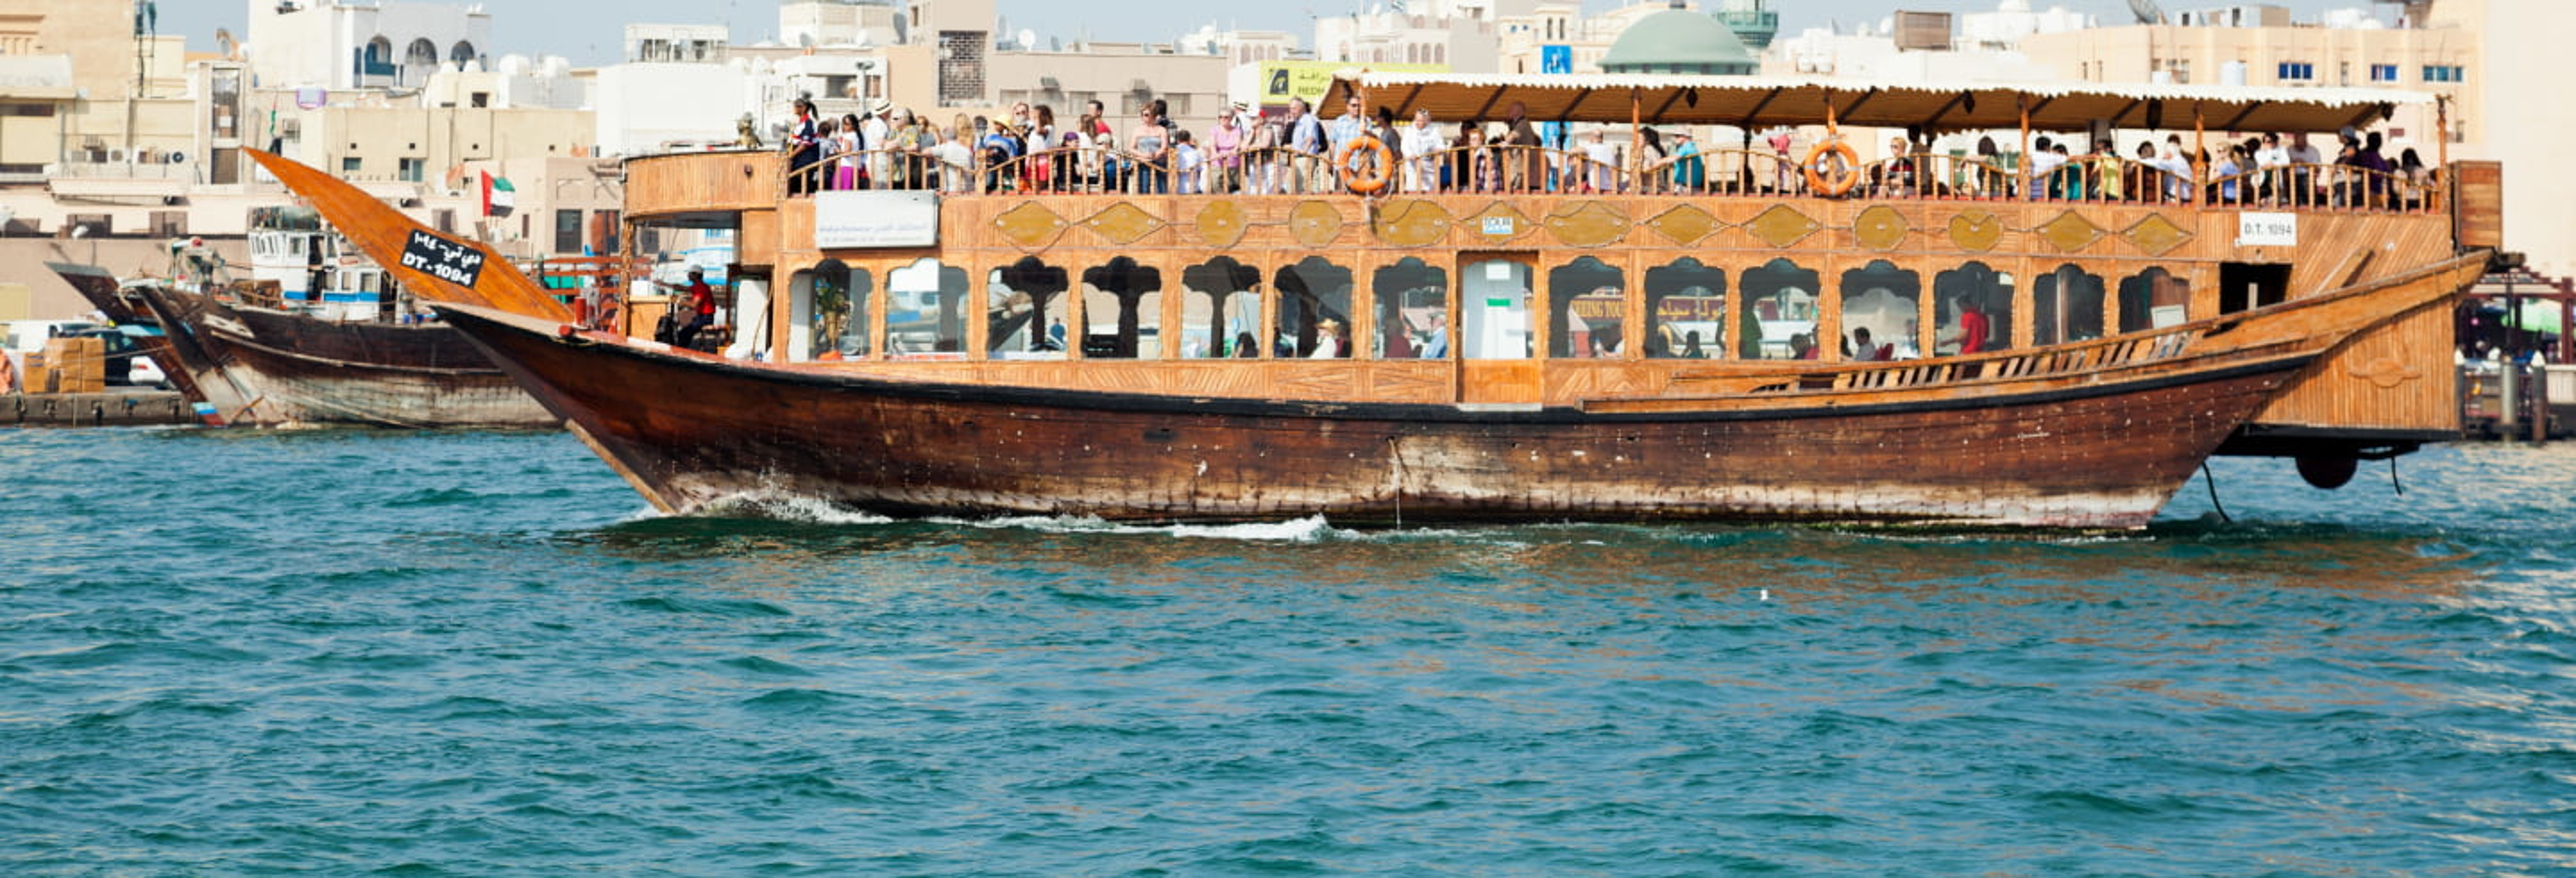 Crucero en dhow por Dubái